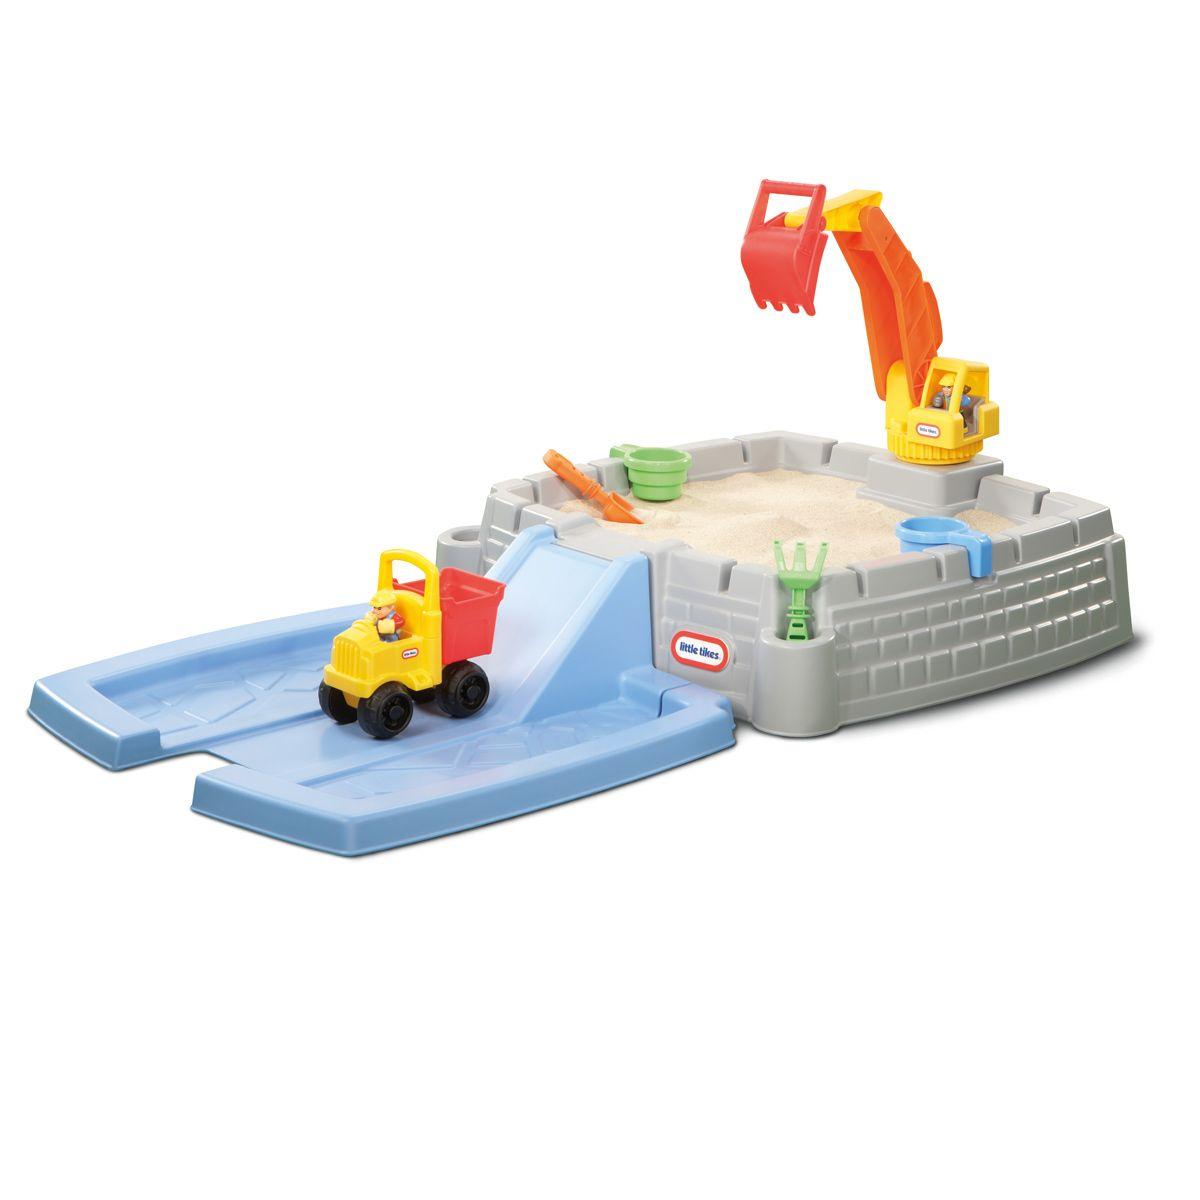 aire de jeu chantier little tikes pour enfant de 3 ans 6 ans oxybul veil et jeux achats. Black Bedroom Furniture Sets. Home Design Ideas